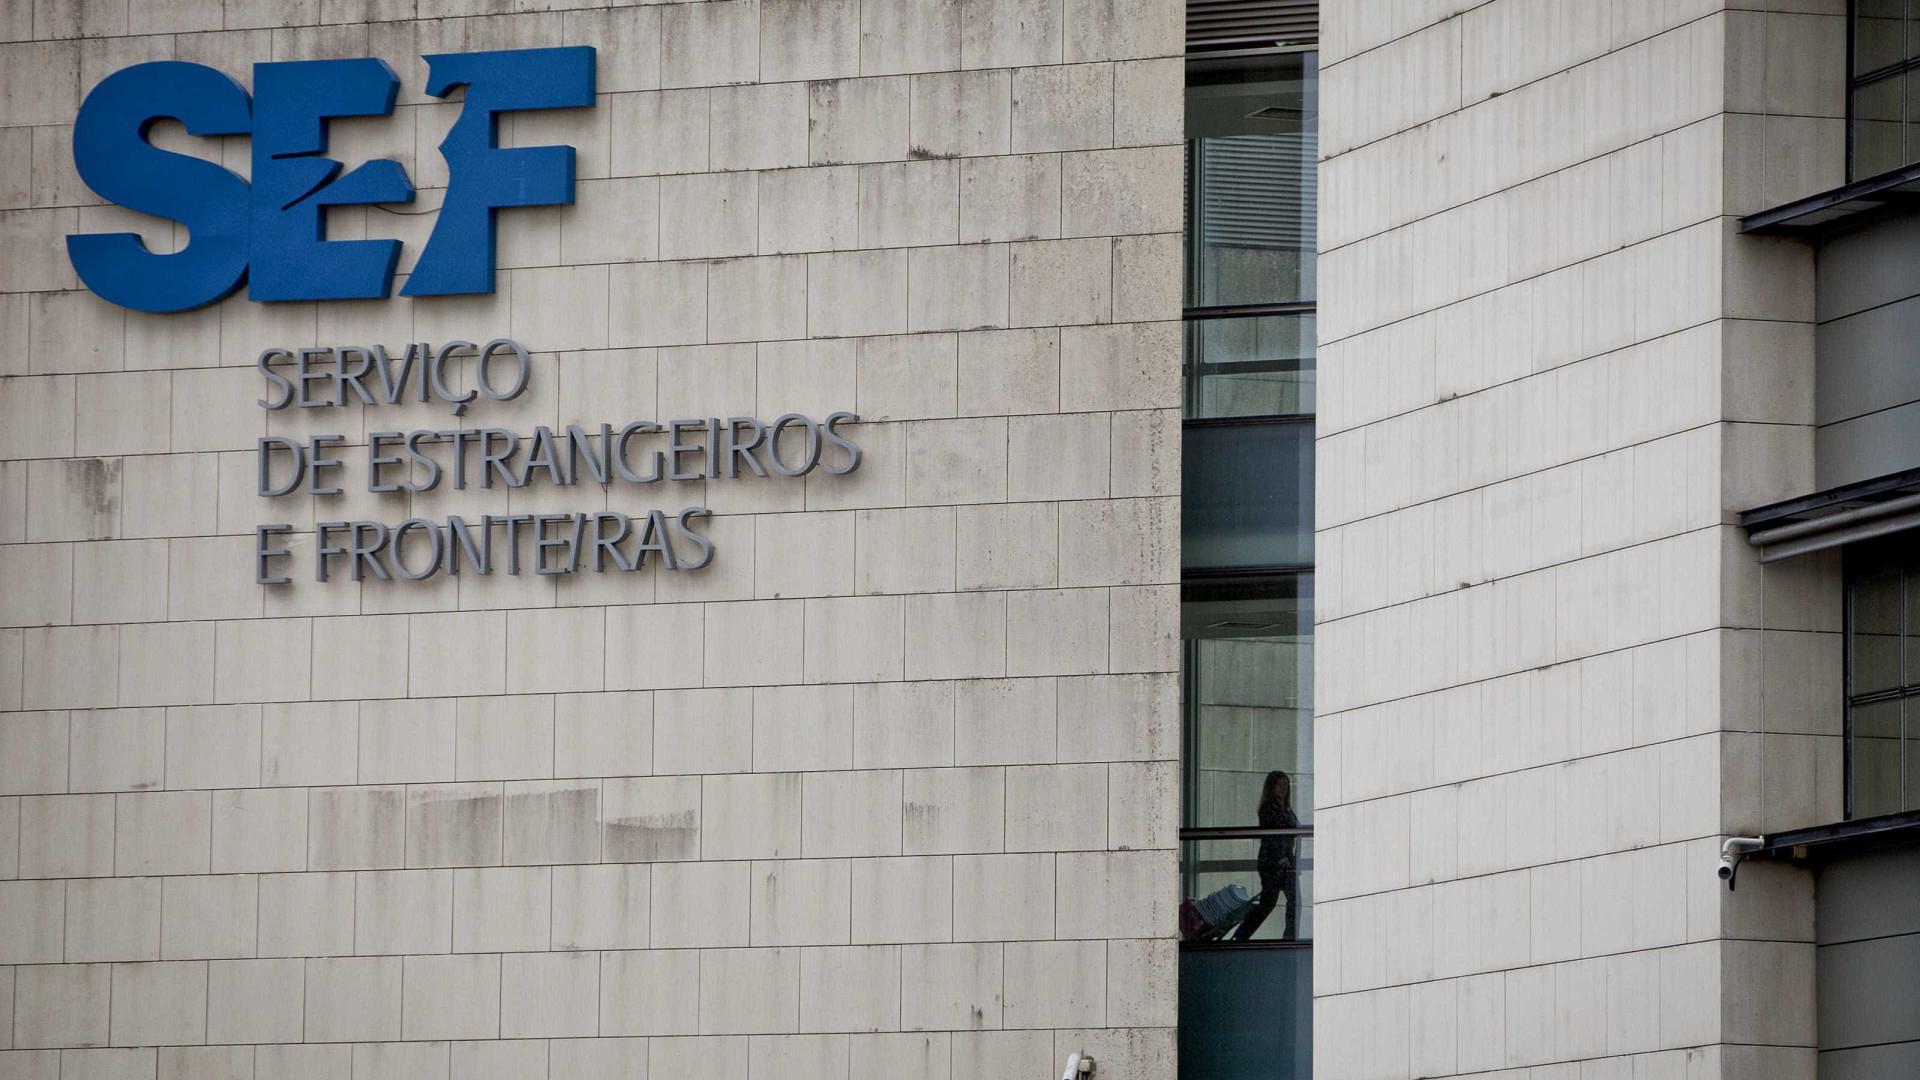 Vistos gold: SEF diz que há 1.300 pedidos de investidores pendentes